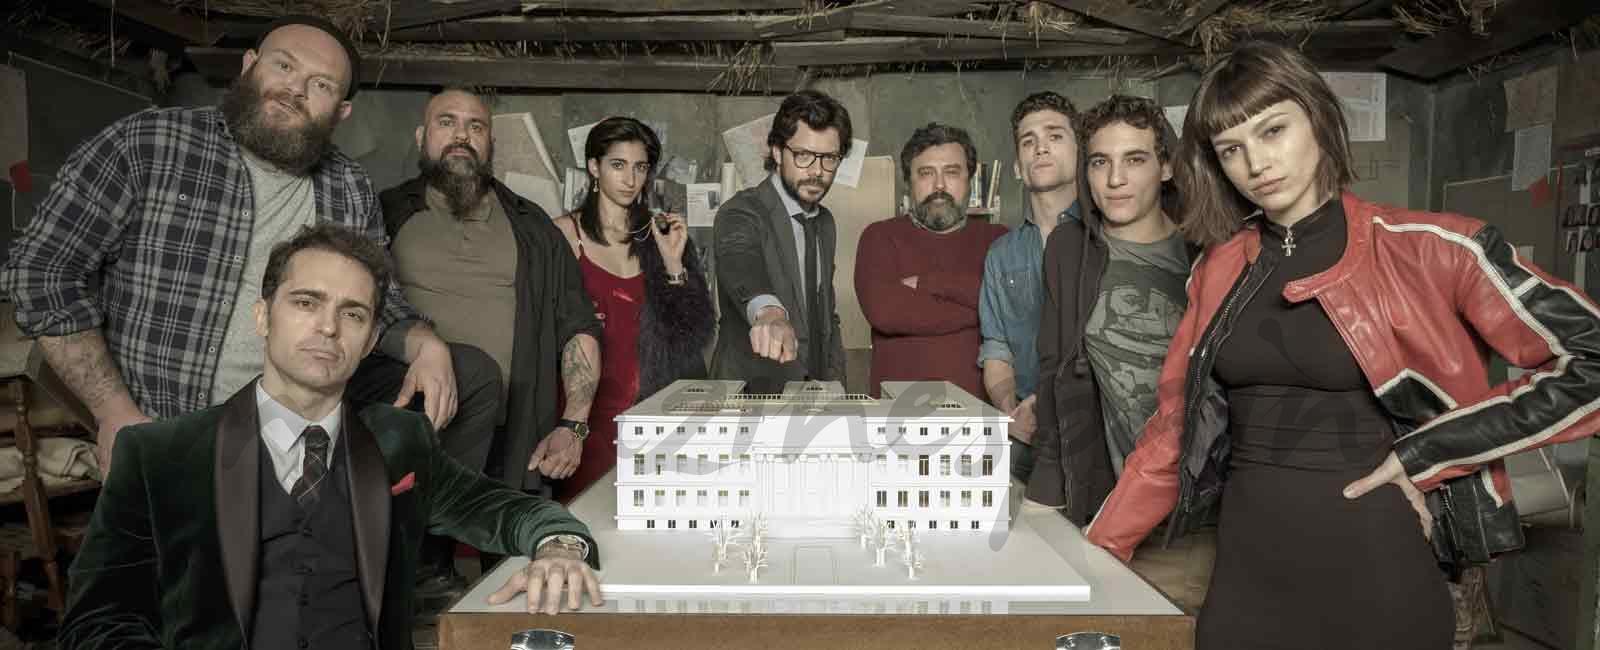 Estreno de «La Casa de papel»… ¿Quieres formar parte del mayor atraco de la historia?